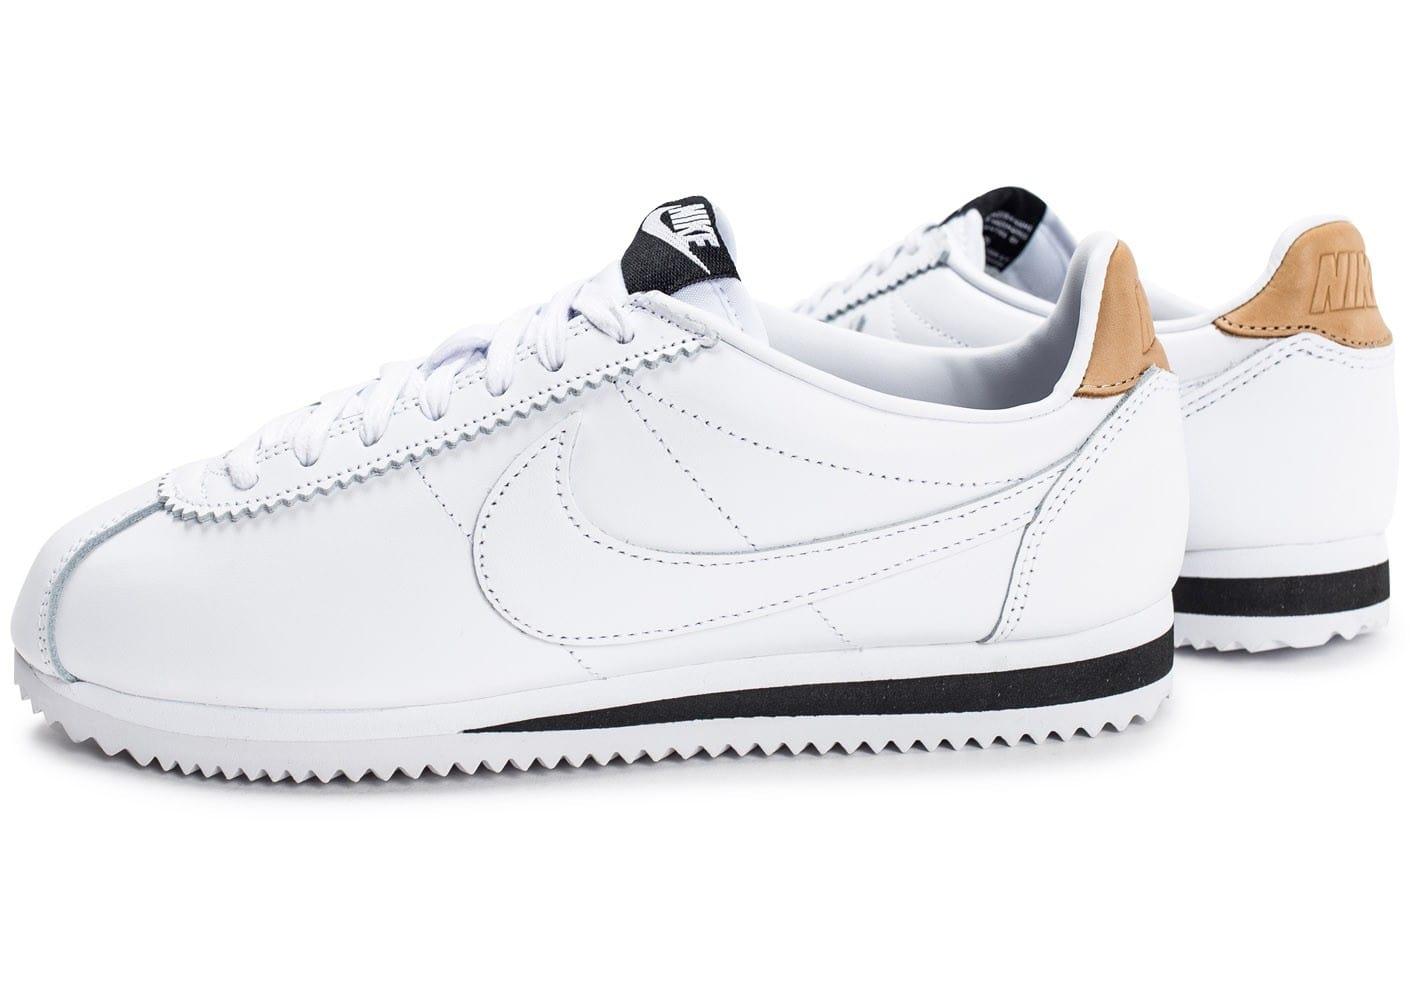 reputable site 2349c 5ca0f nike cortez leather homme, Cliquez pour zoomer Chaussures Nike Cortez  Leather Se blanche vue extérieure